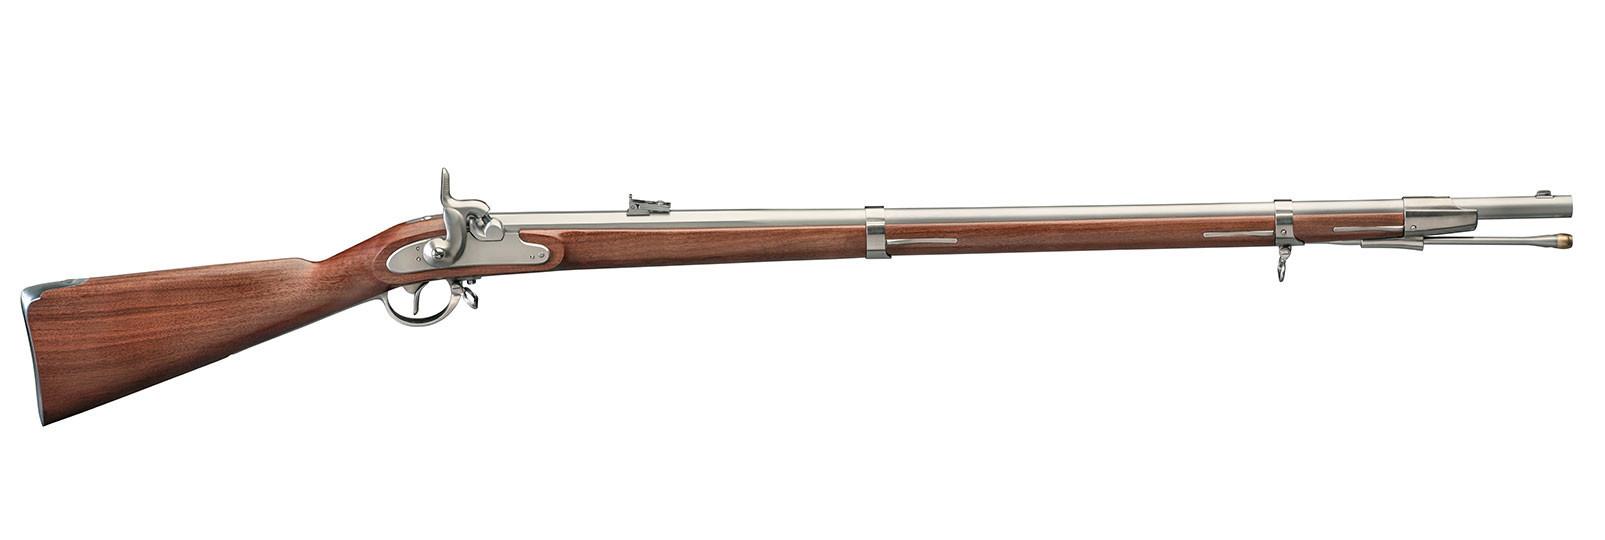 Lorenz infantry rifle type ii 13,9 mm